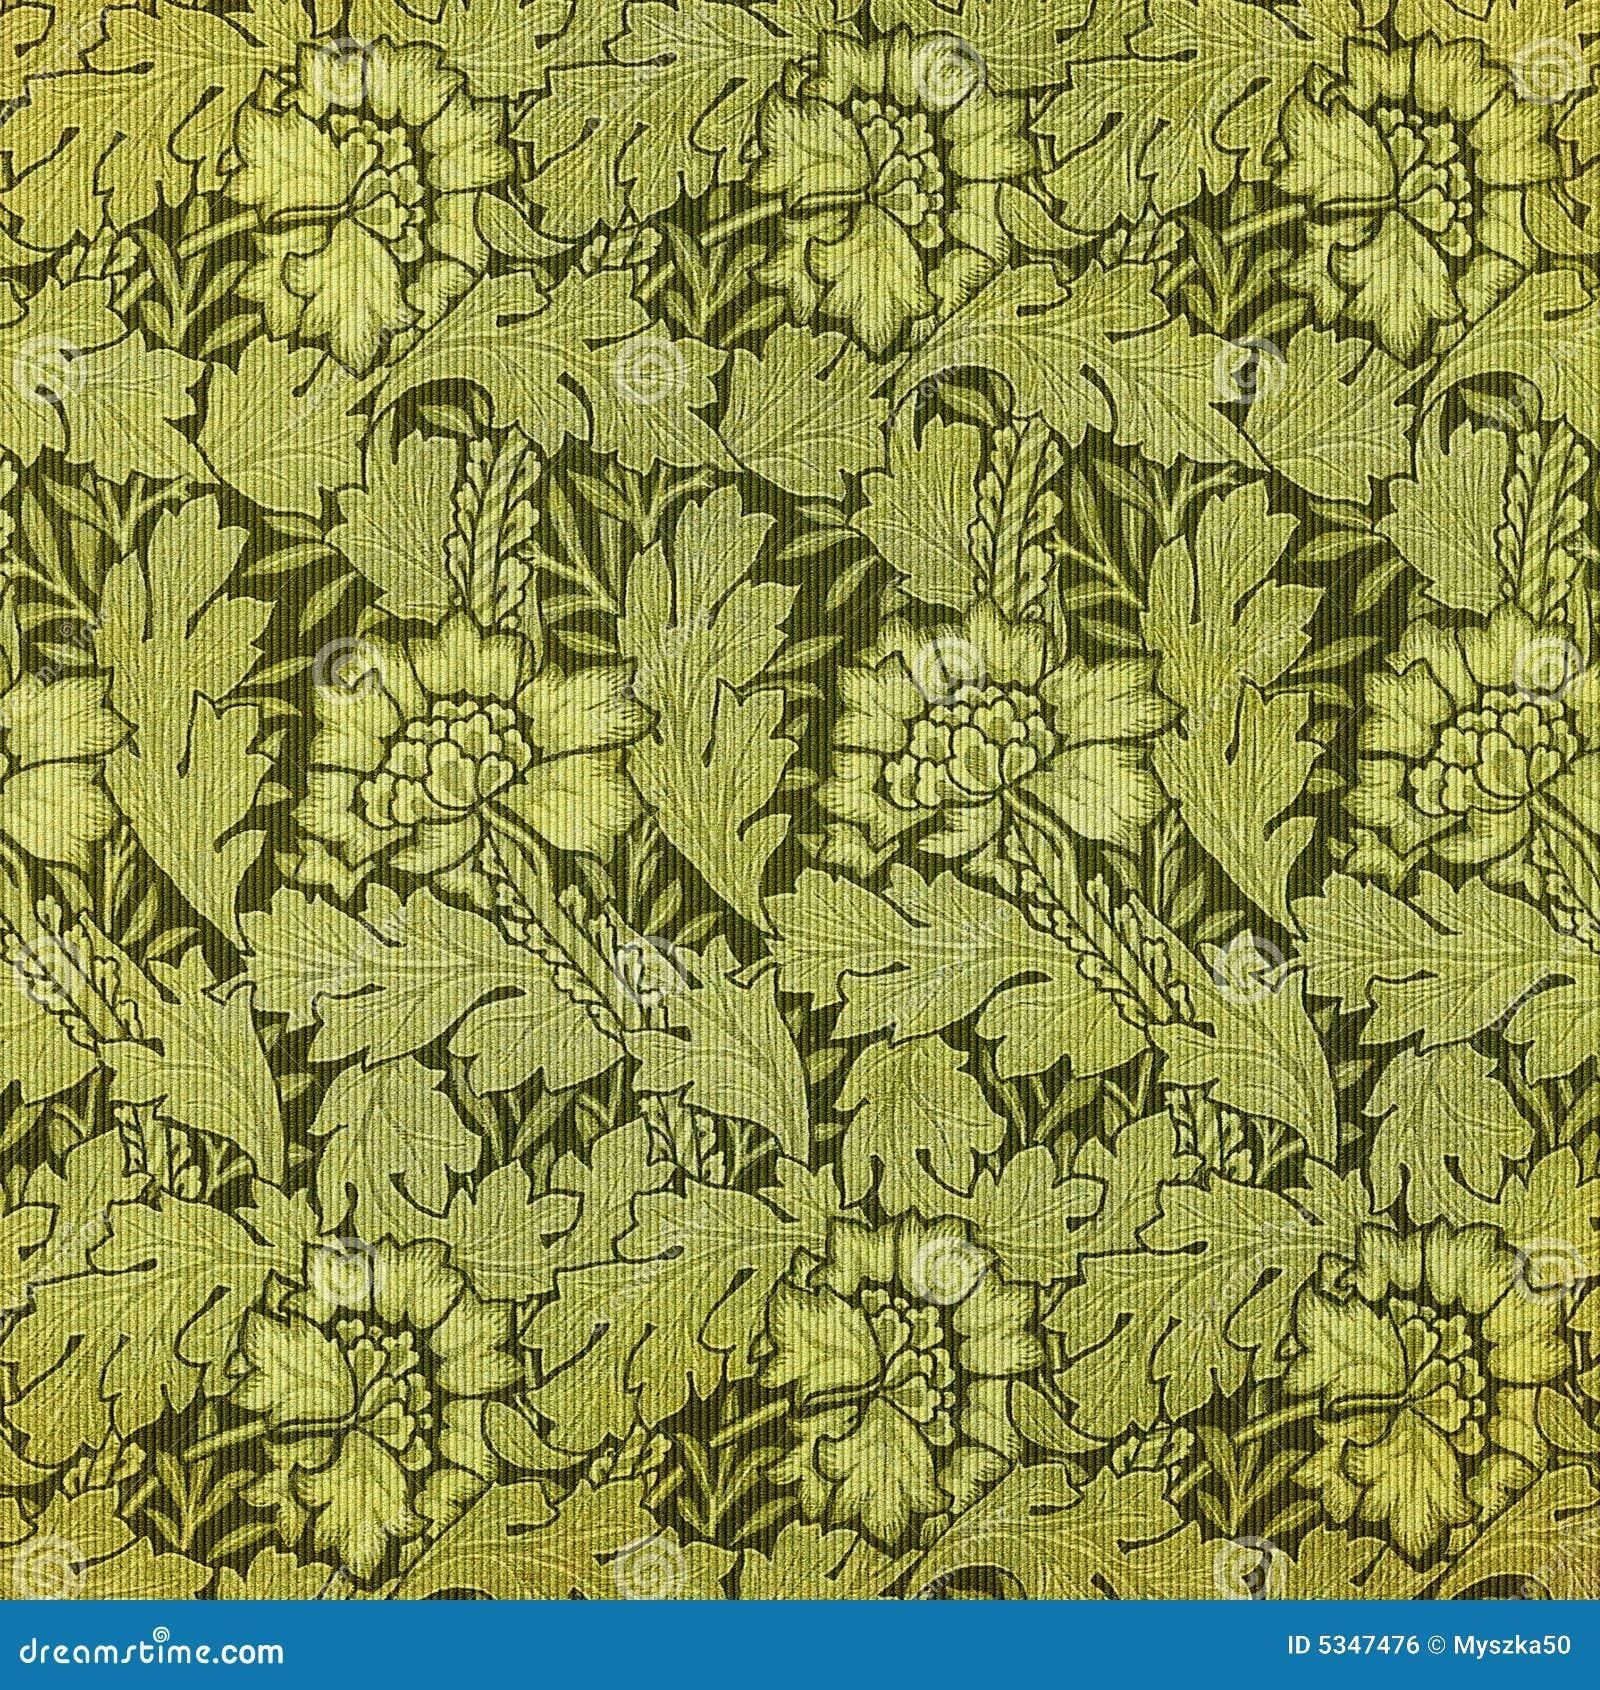 tappezzeria floreale verde immagine stock libera da